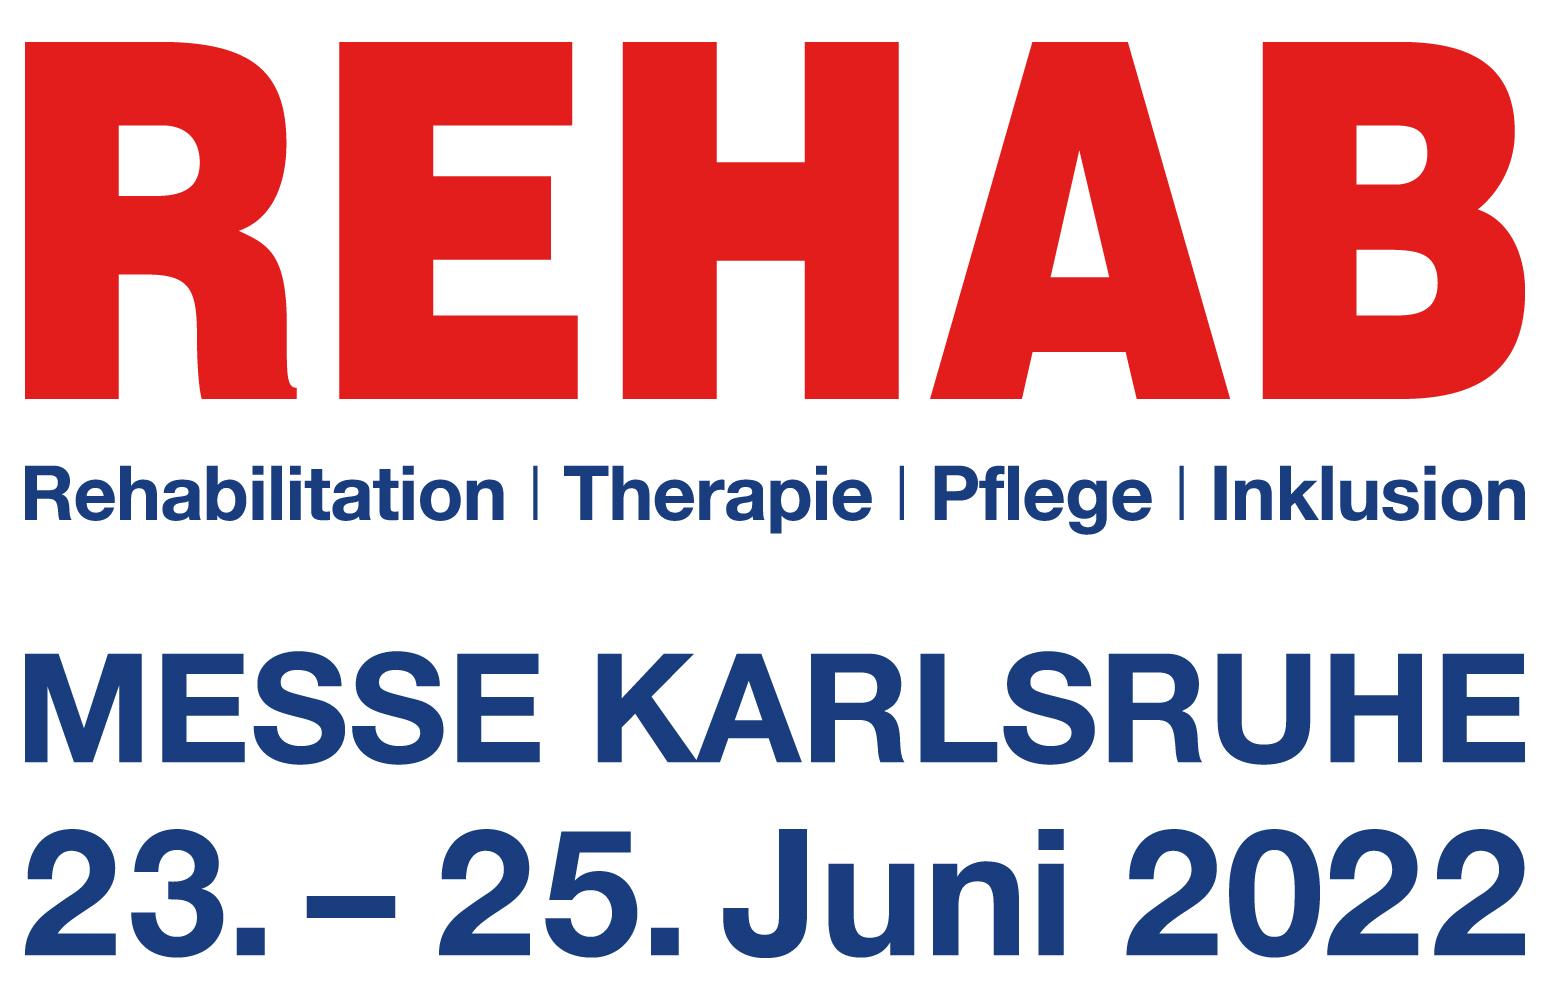 Rehab Logo Karlsruher Messe- und Kongress GmbH